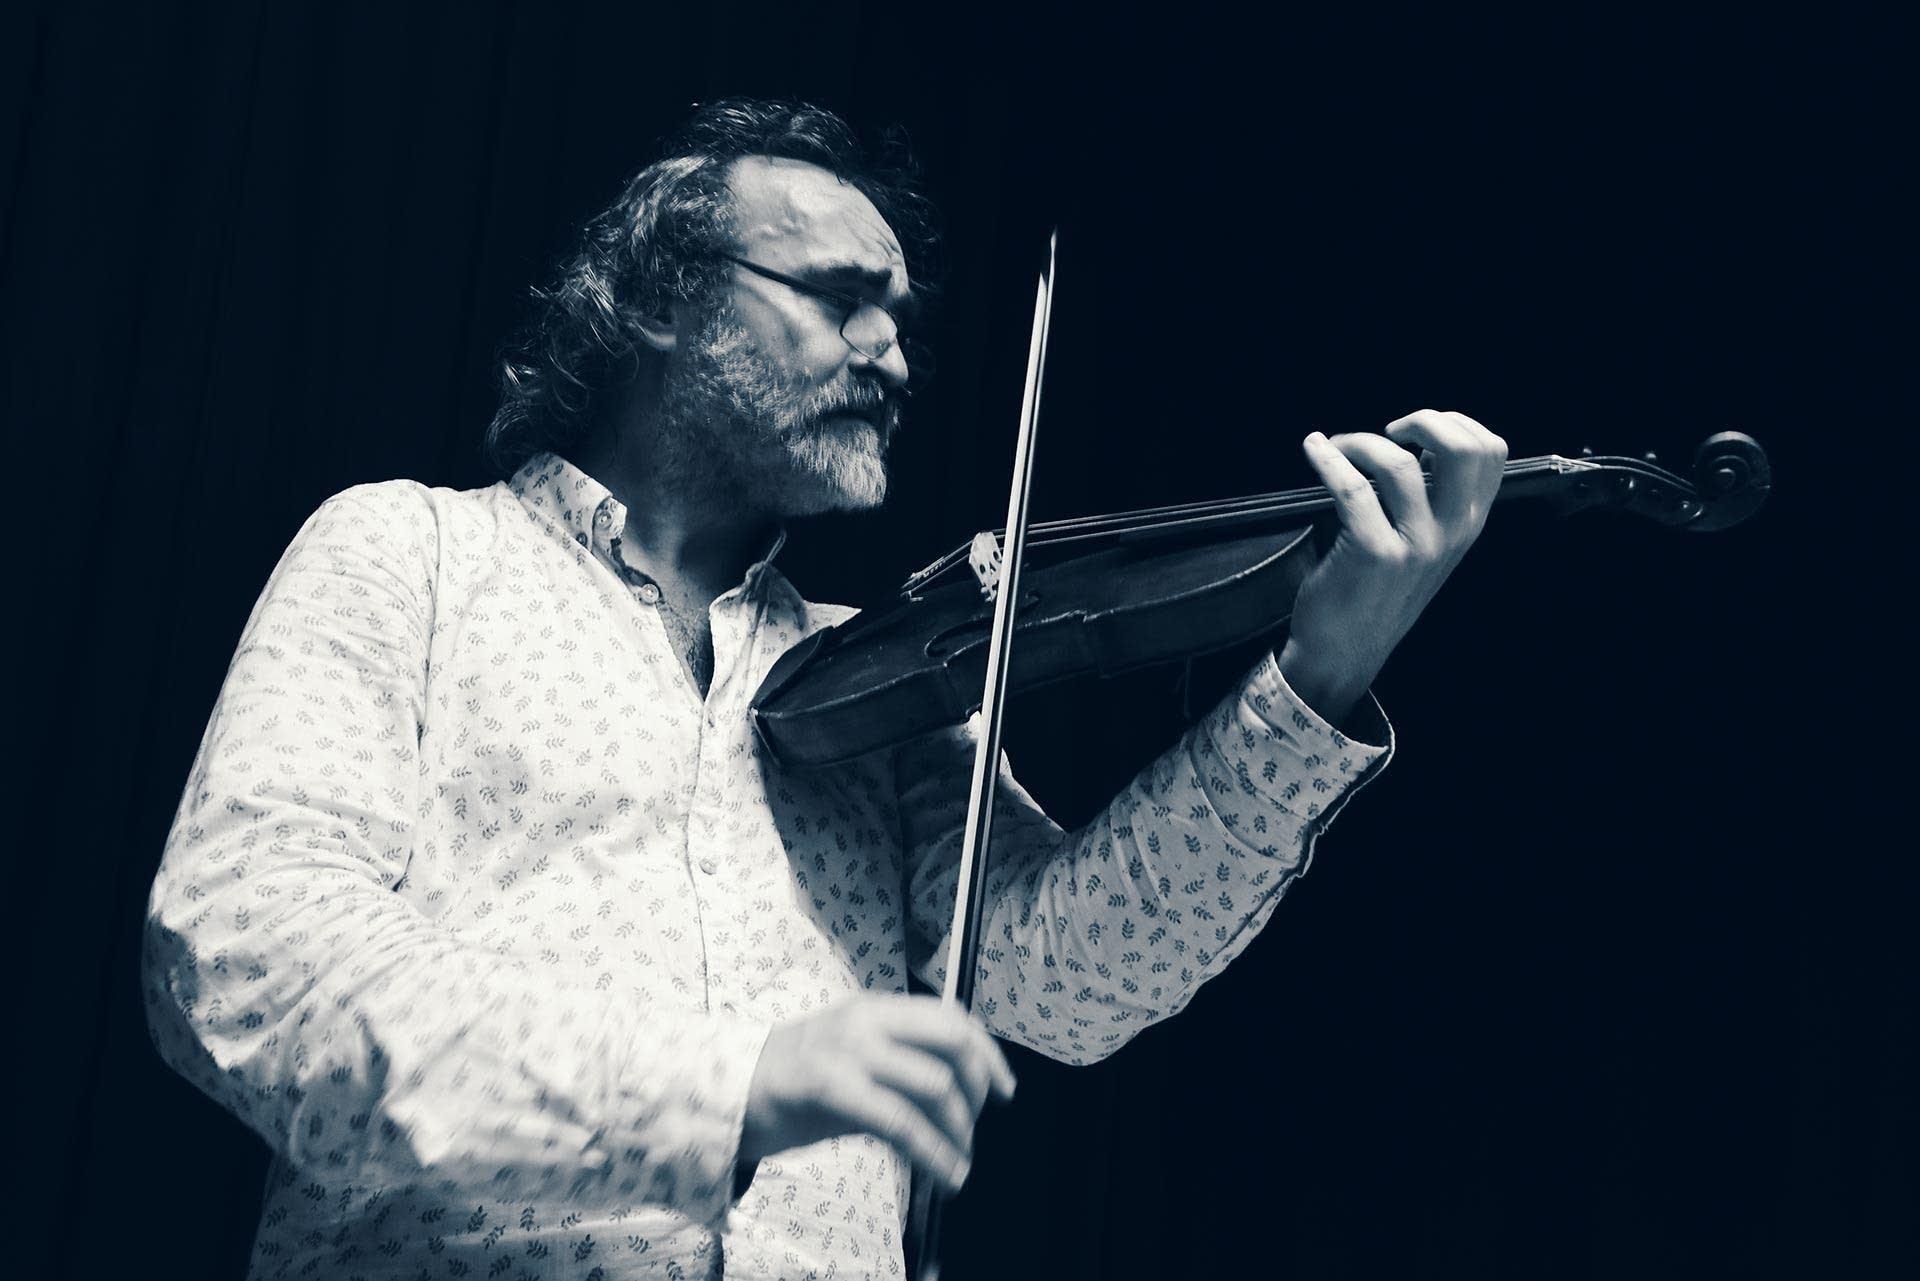 Milos Valent of Barokksolistene